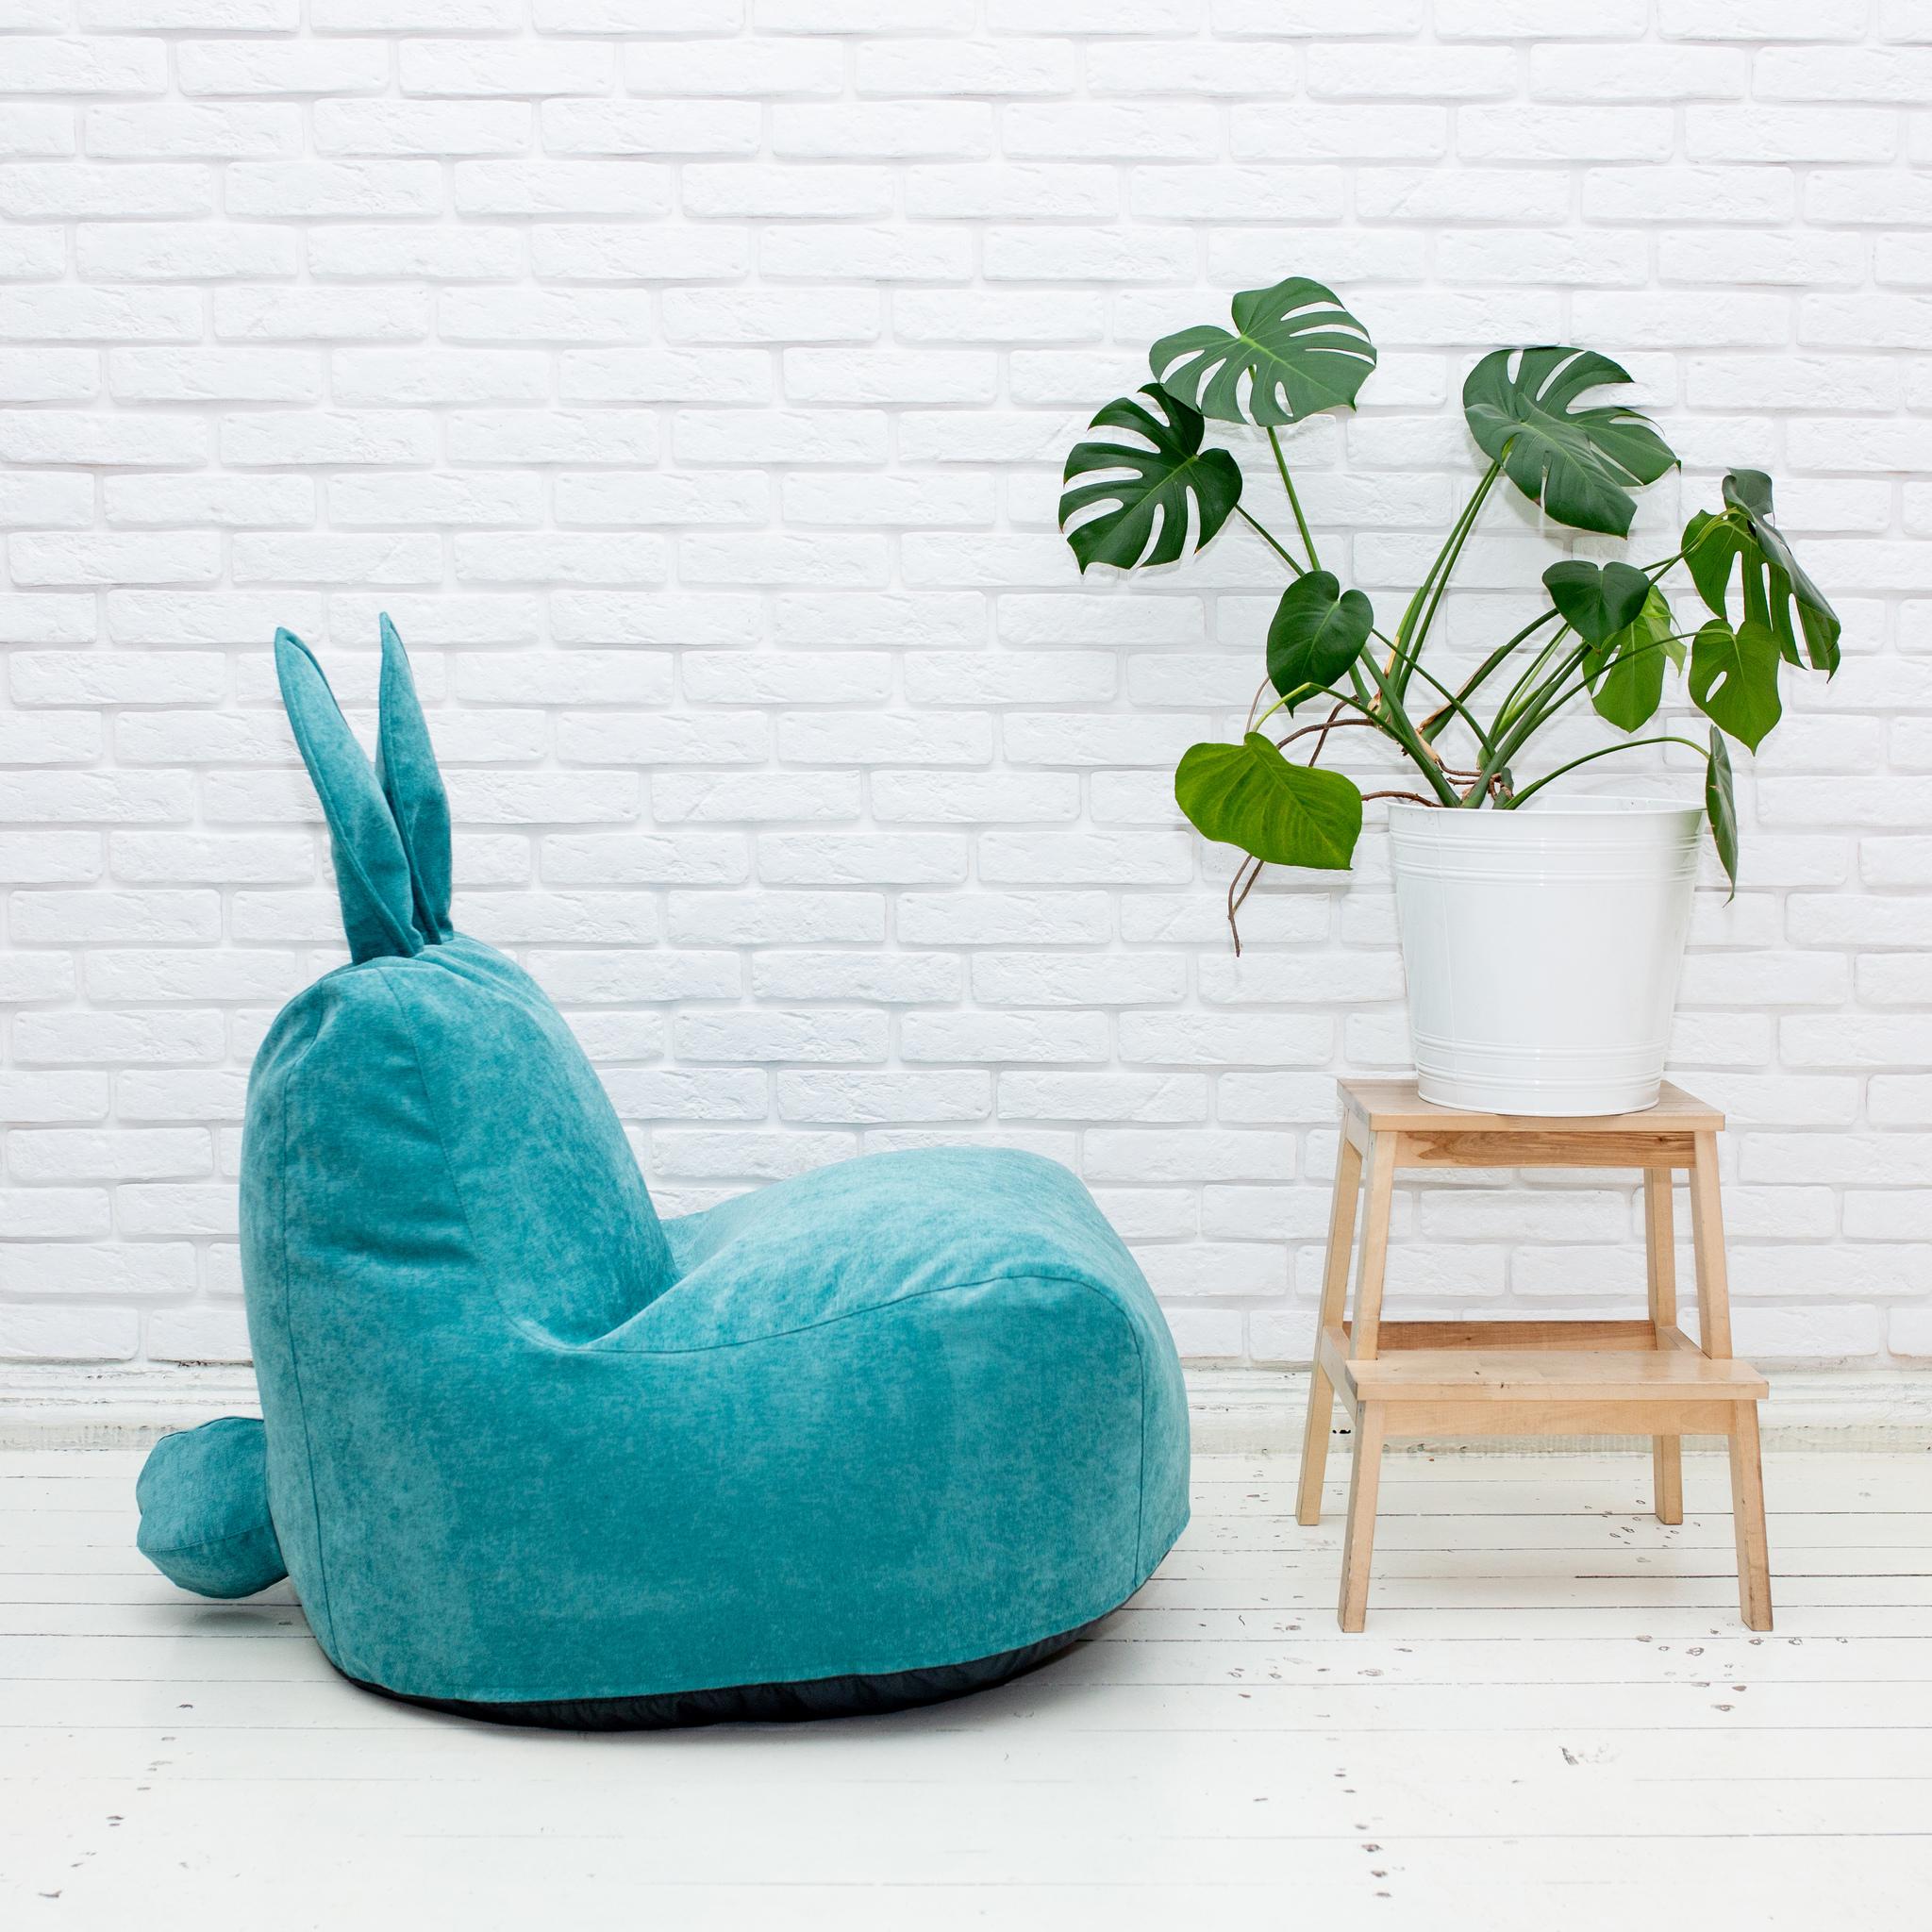 Кролик M микровельвет (грязно-бирюзовый)